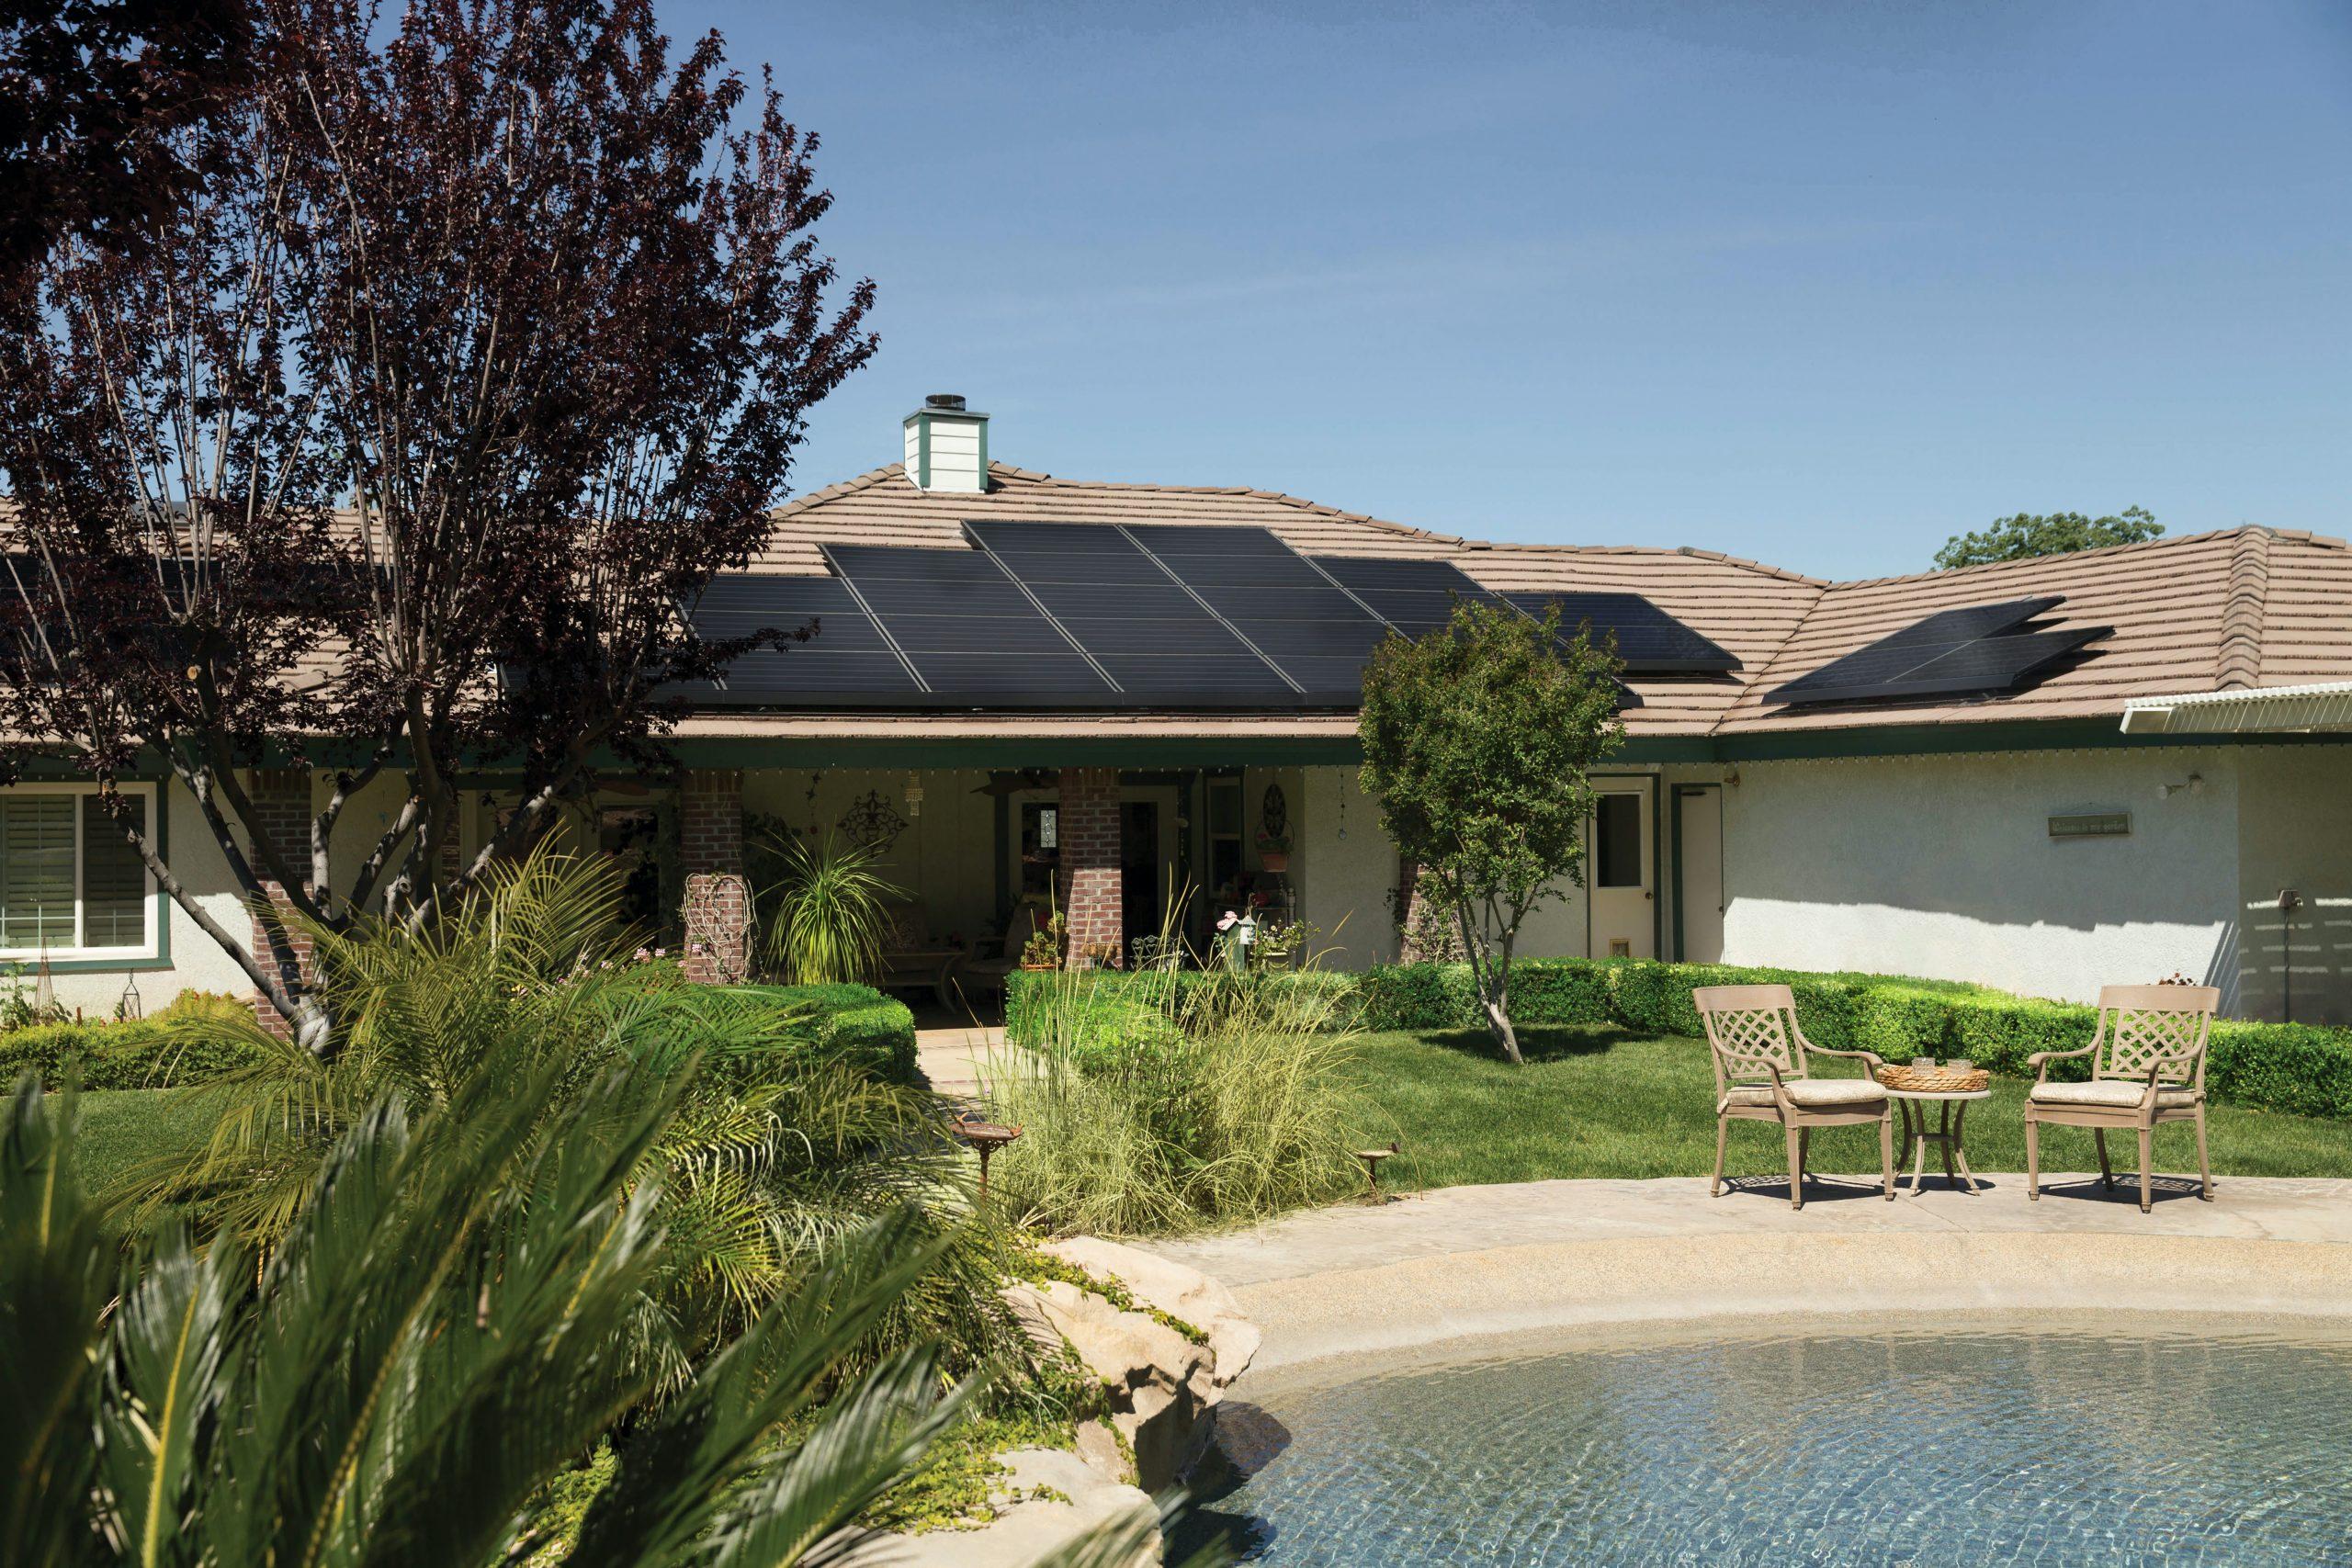 Namestitev sončne elektrarne na strehi hiše.